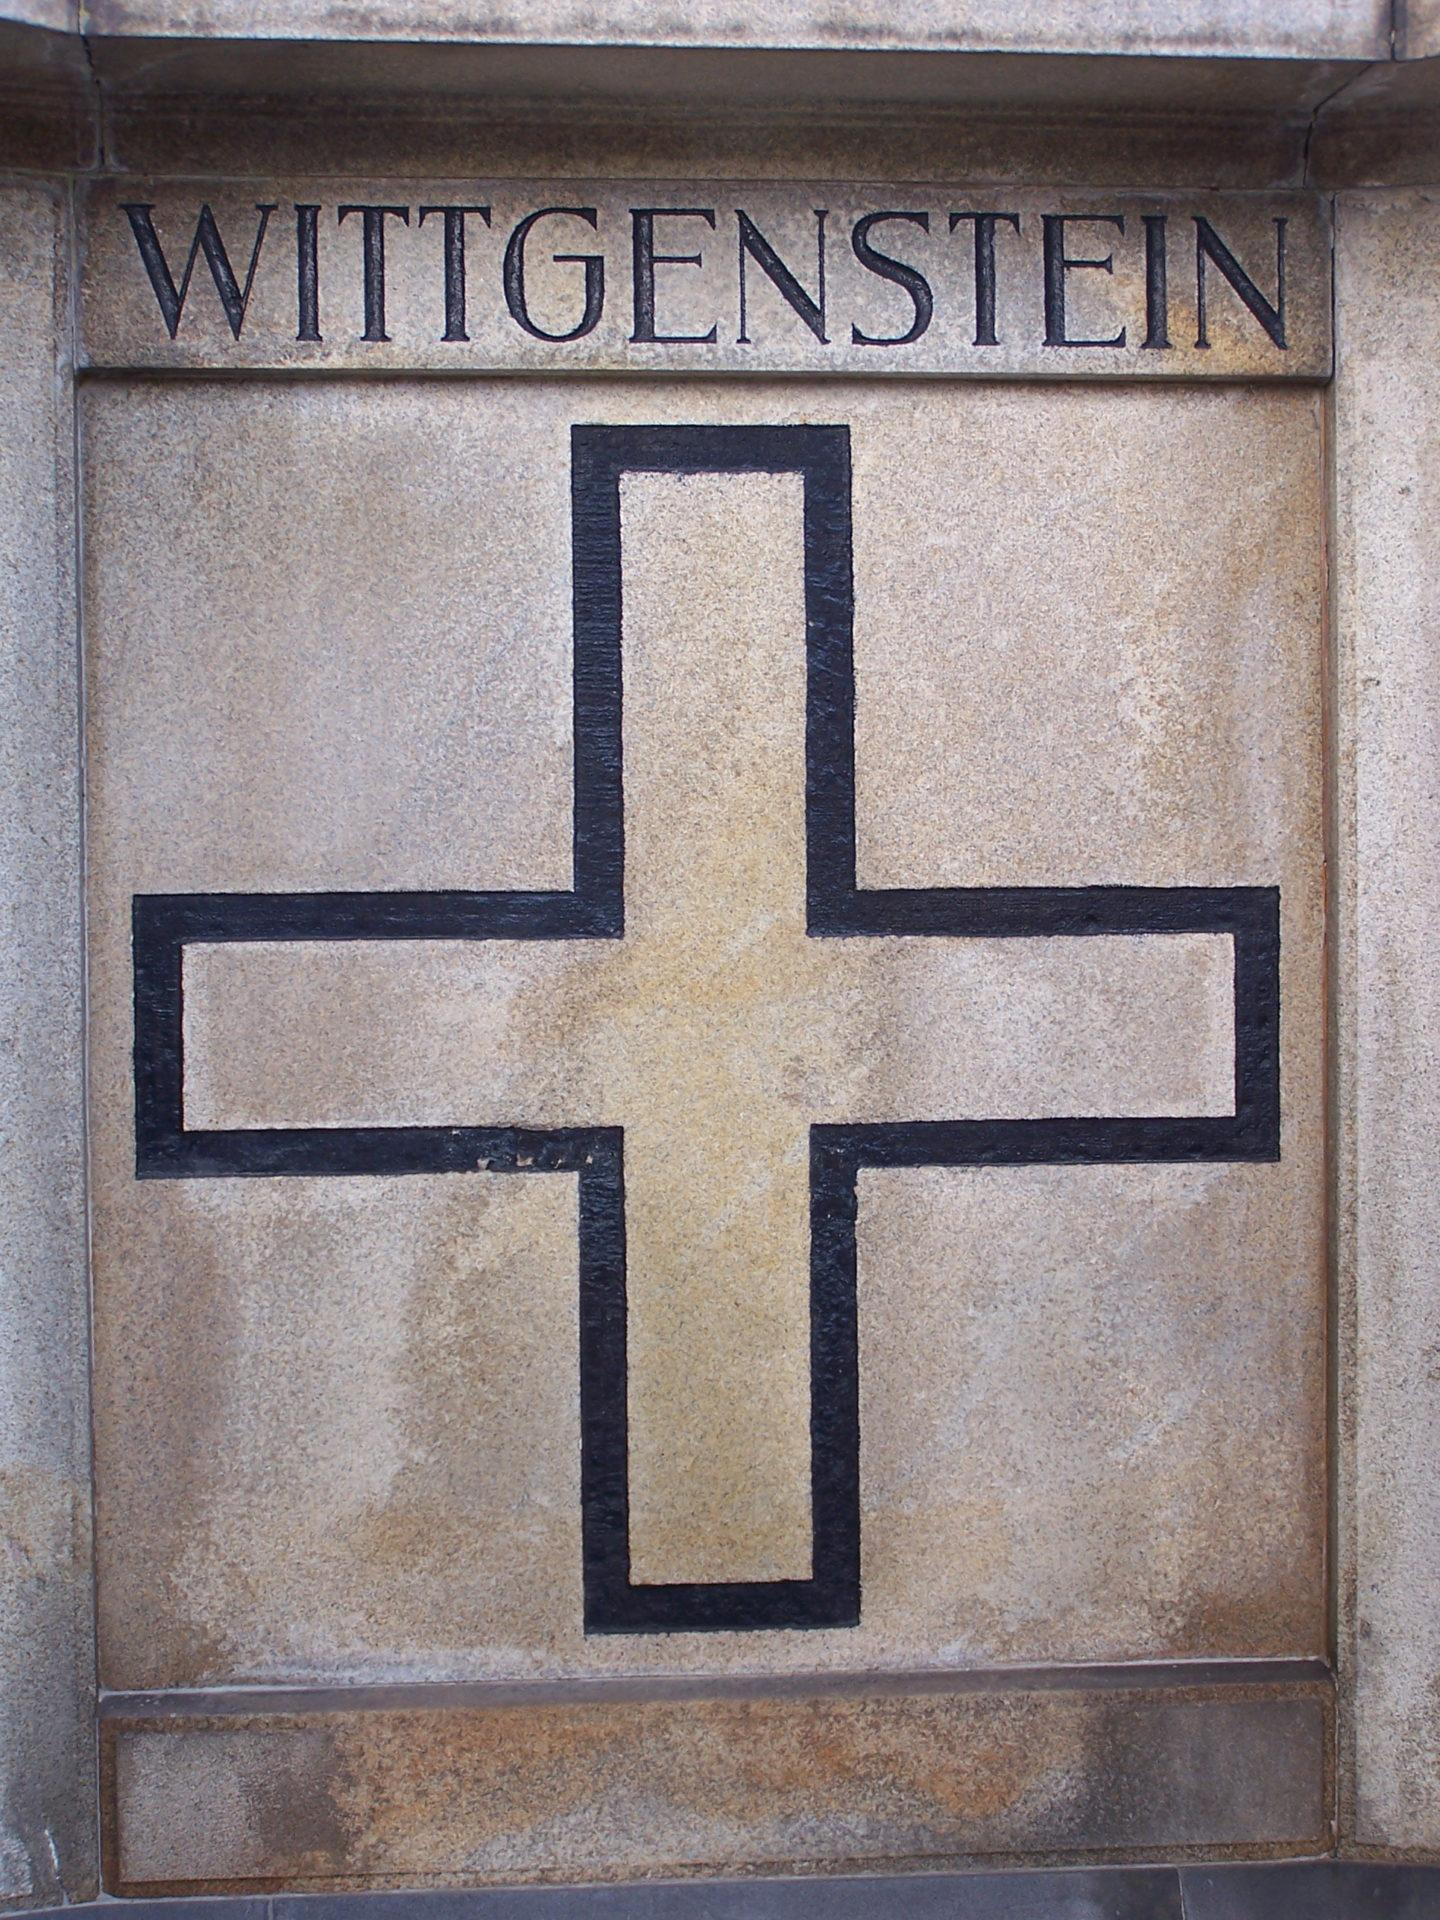 The grave of Wittgenstein in Vienna